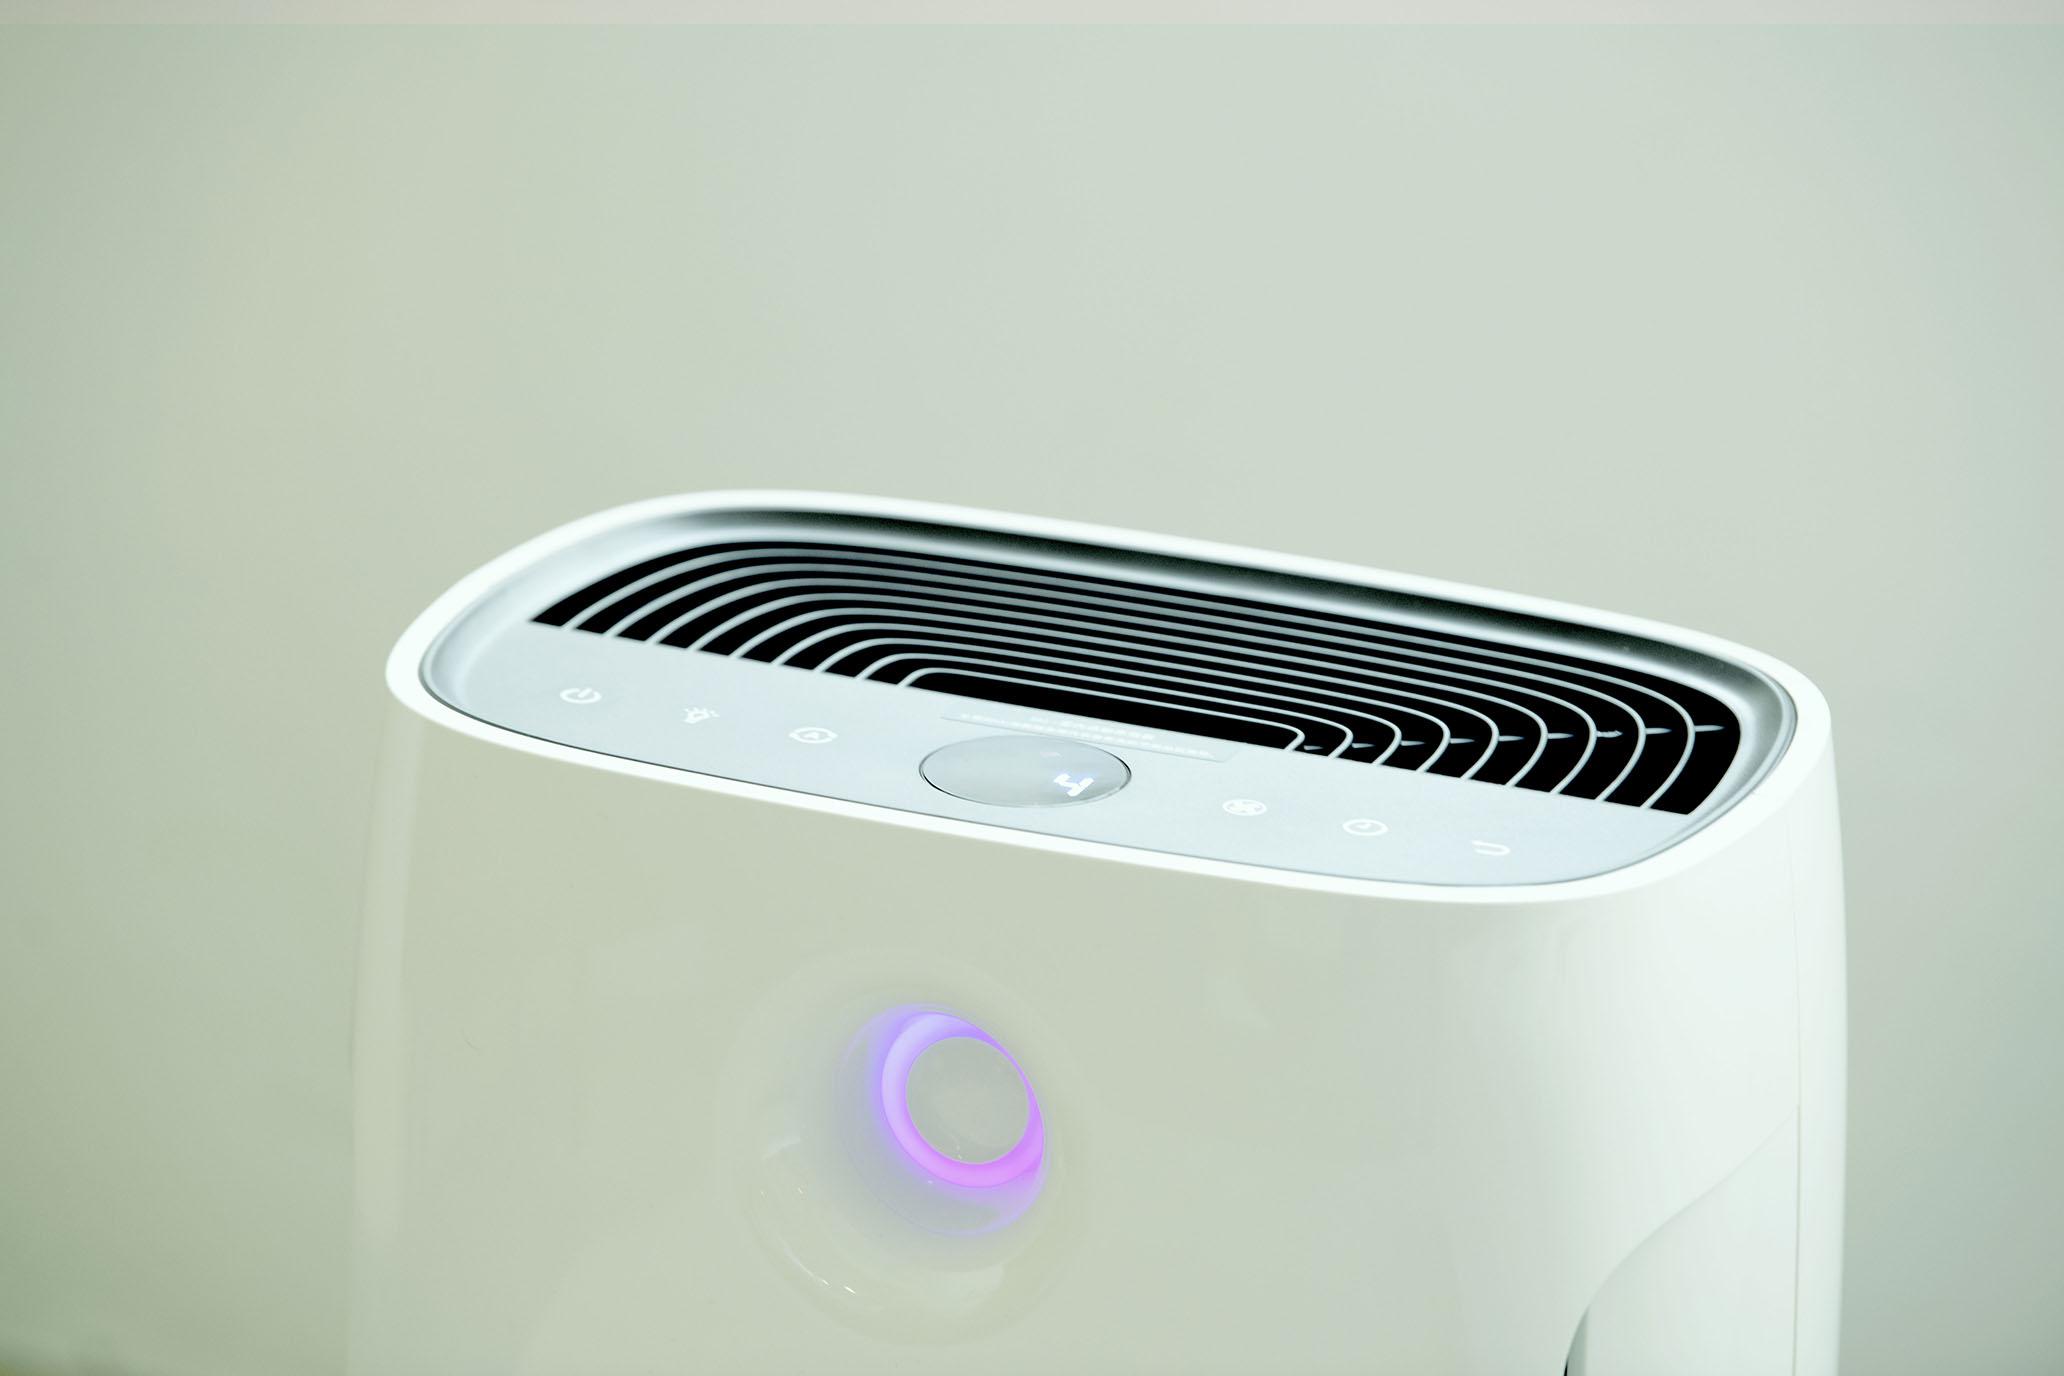 飛利浦智能 WiFi 抗敏空氣清淨機AC2889,幫你濾淨居家99.9%的PM0.02 懸浮微粒。